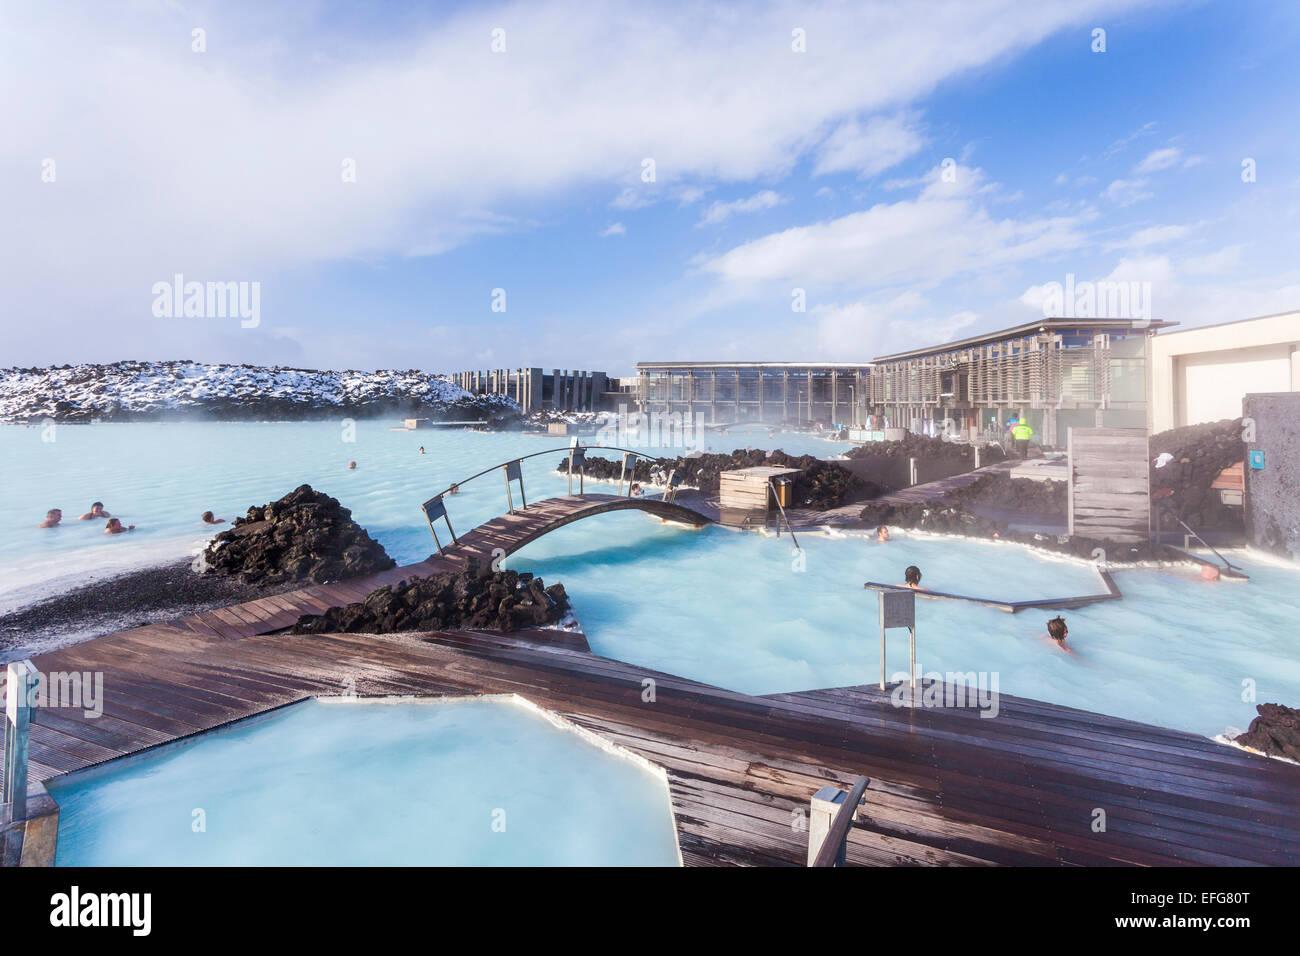 Splitter nya Die dampfende Wasser der Blue Lagoon, Brücken und Stege: Eine AZ-32